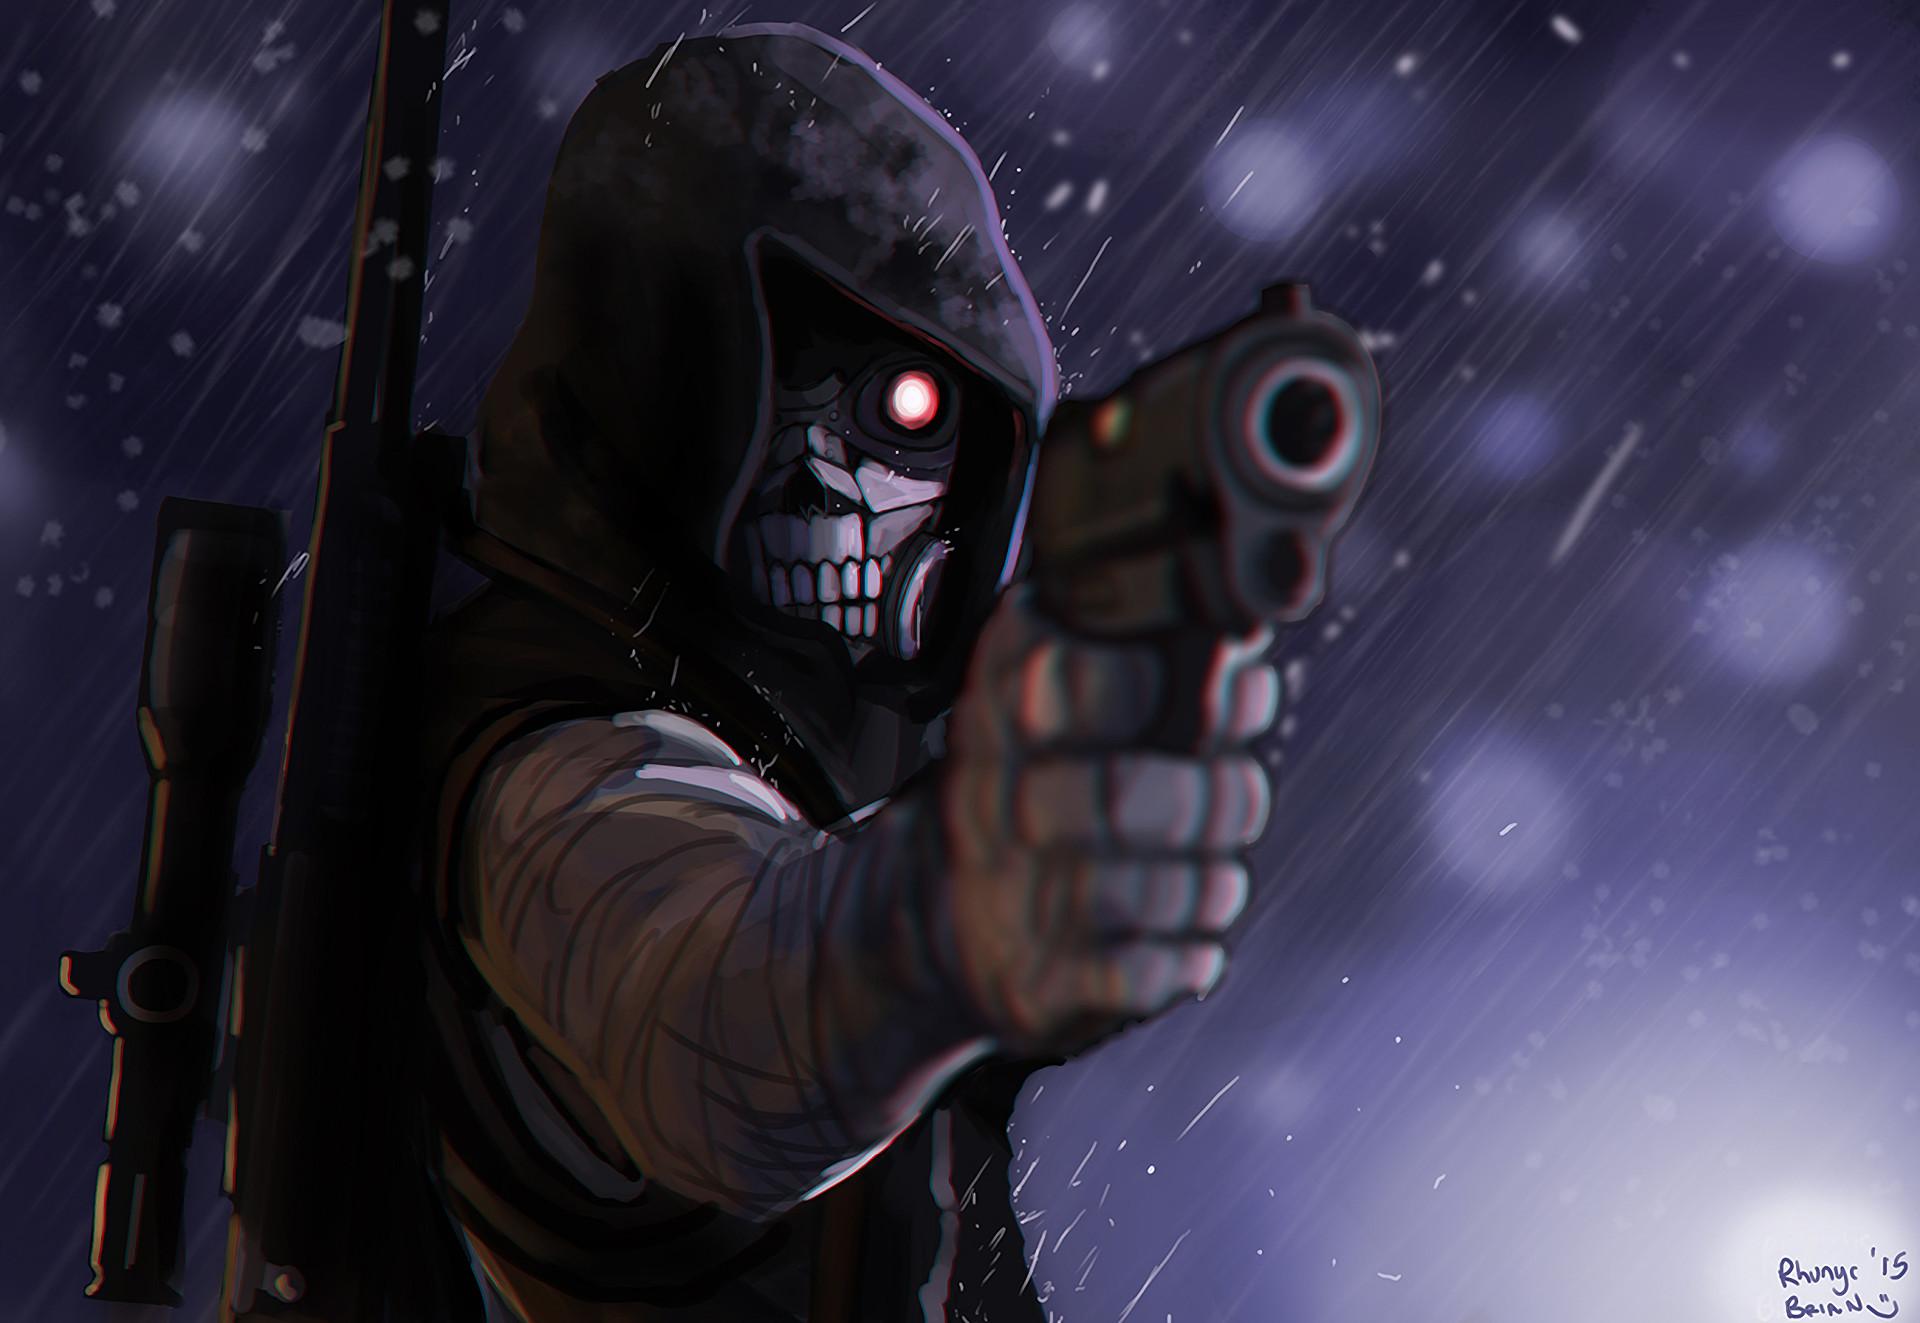 Anime – Sword Art Online II Death Gun (Sword Art Online) Wallpaper